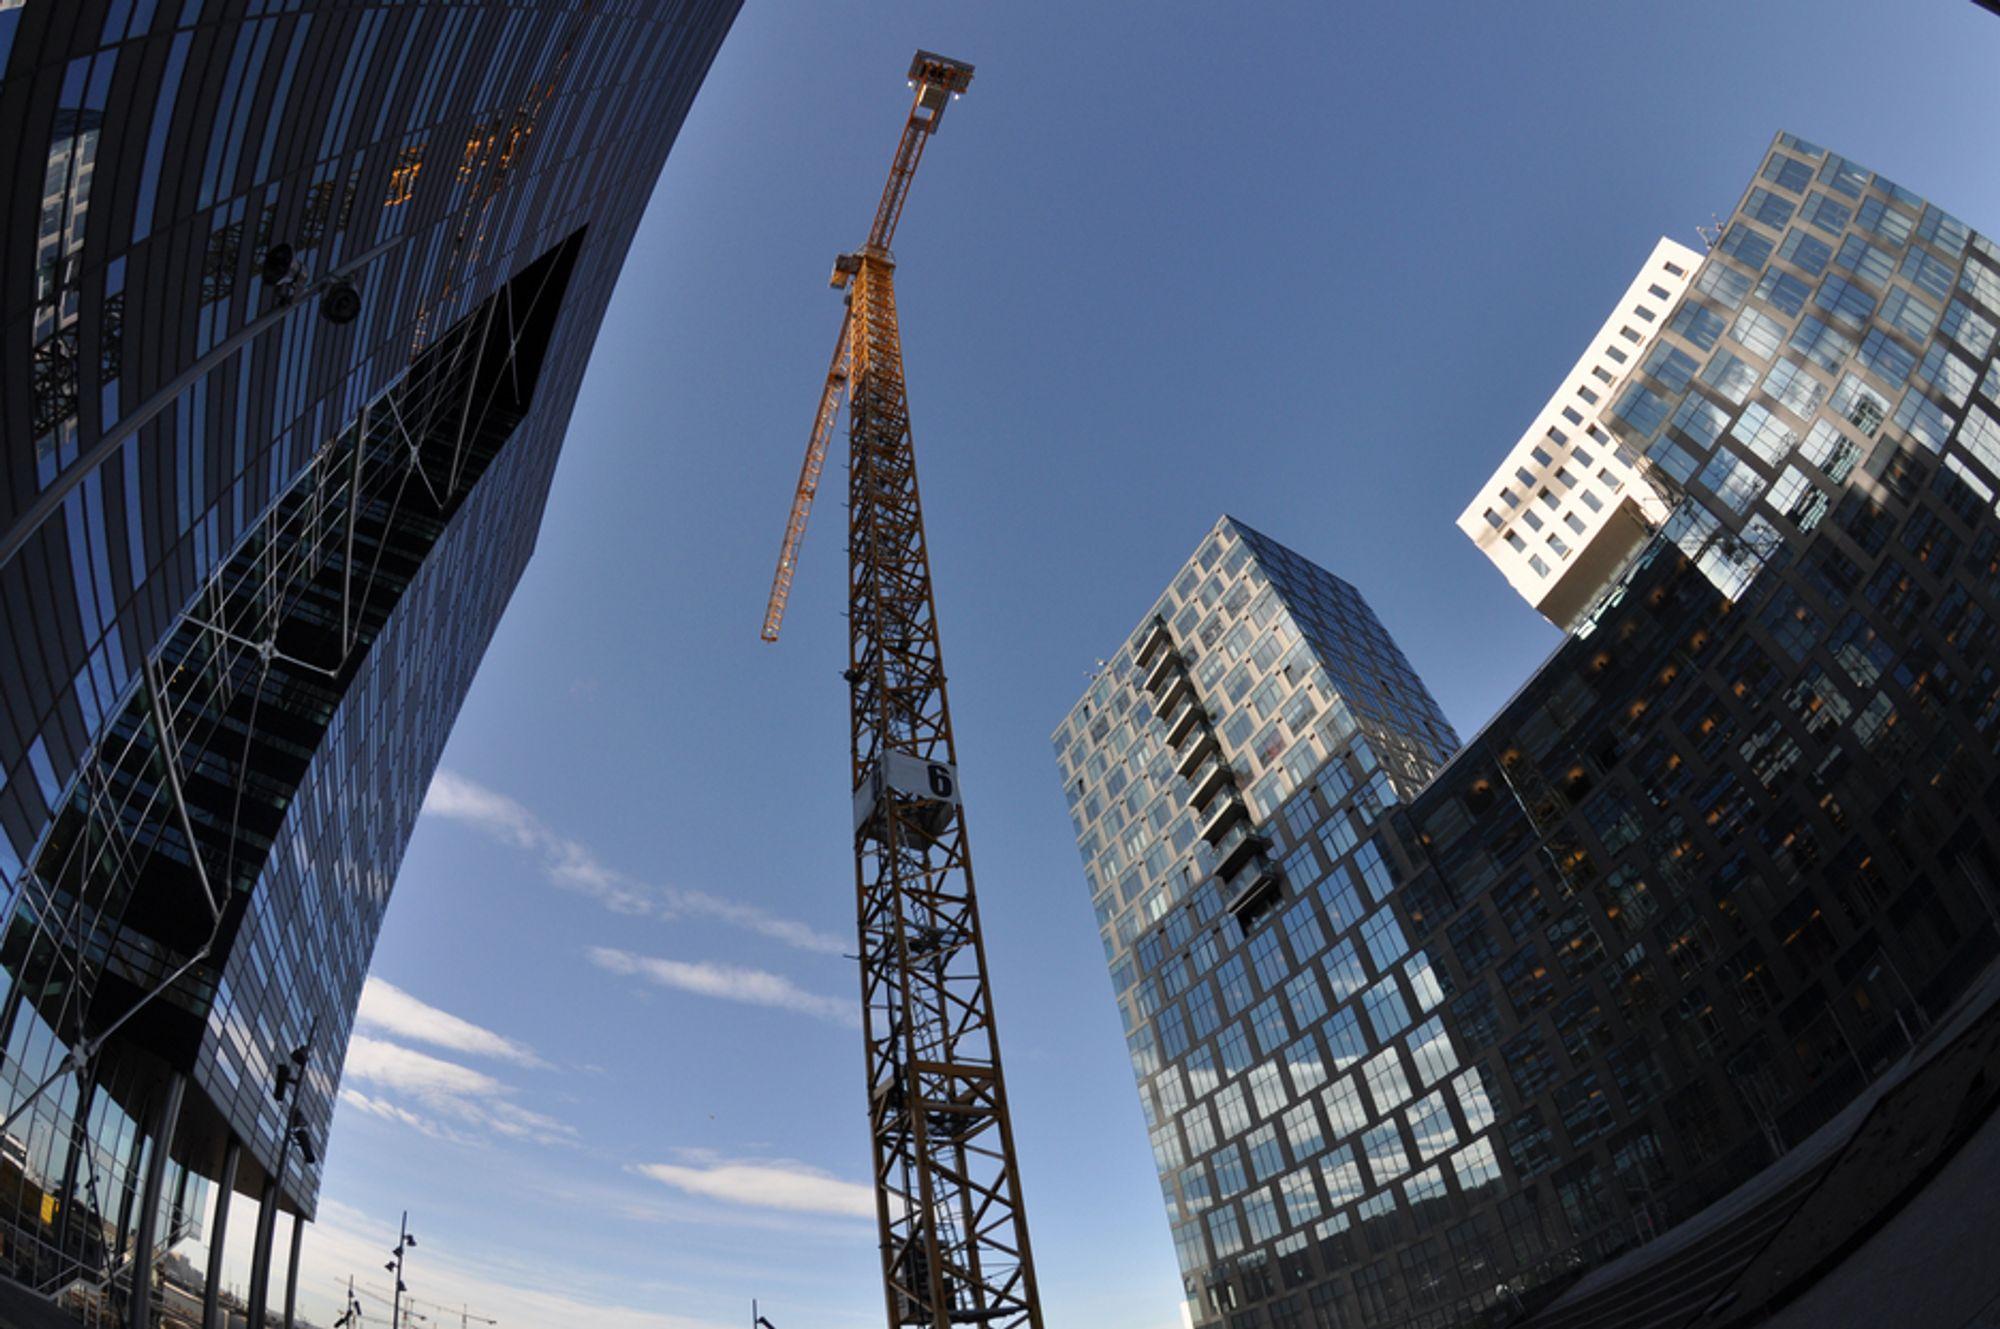 Den norske byggebransjen har mer enn god nok kompetanse til å bygge høyere, ifølge RIF-ekspert Øystein Løset.